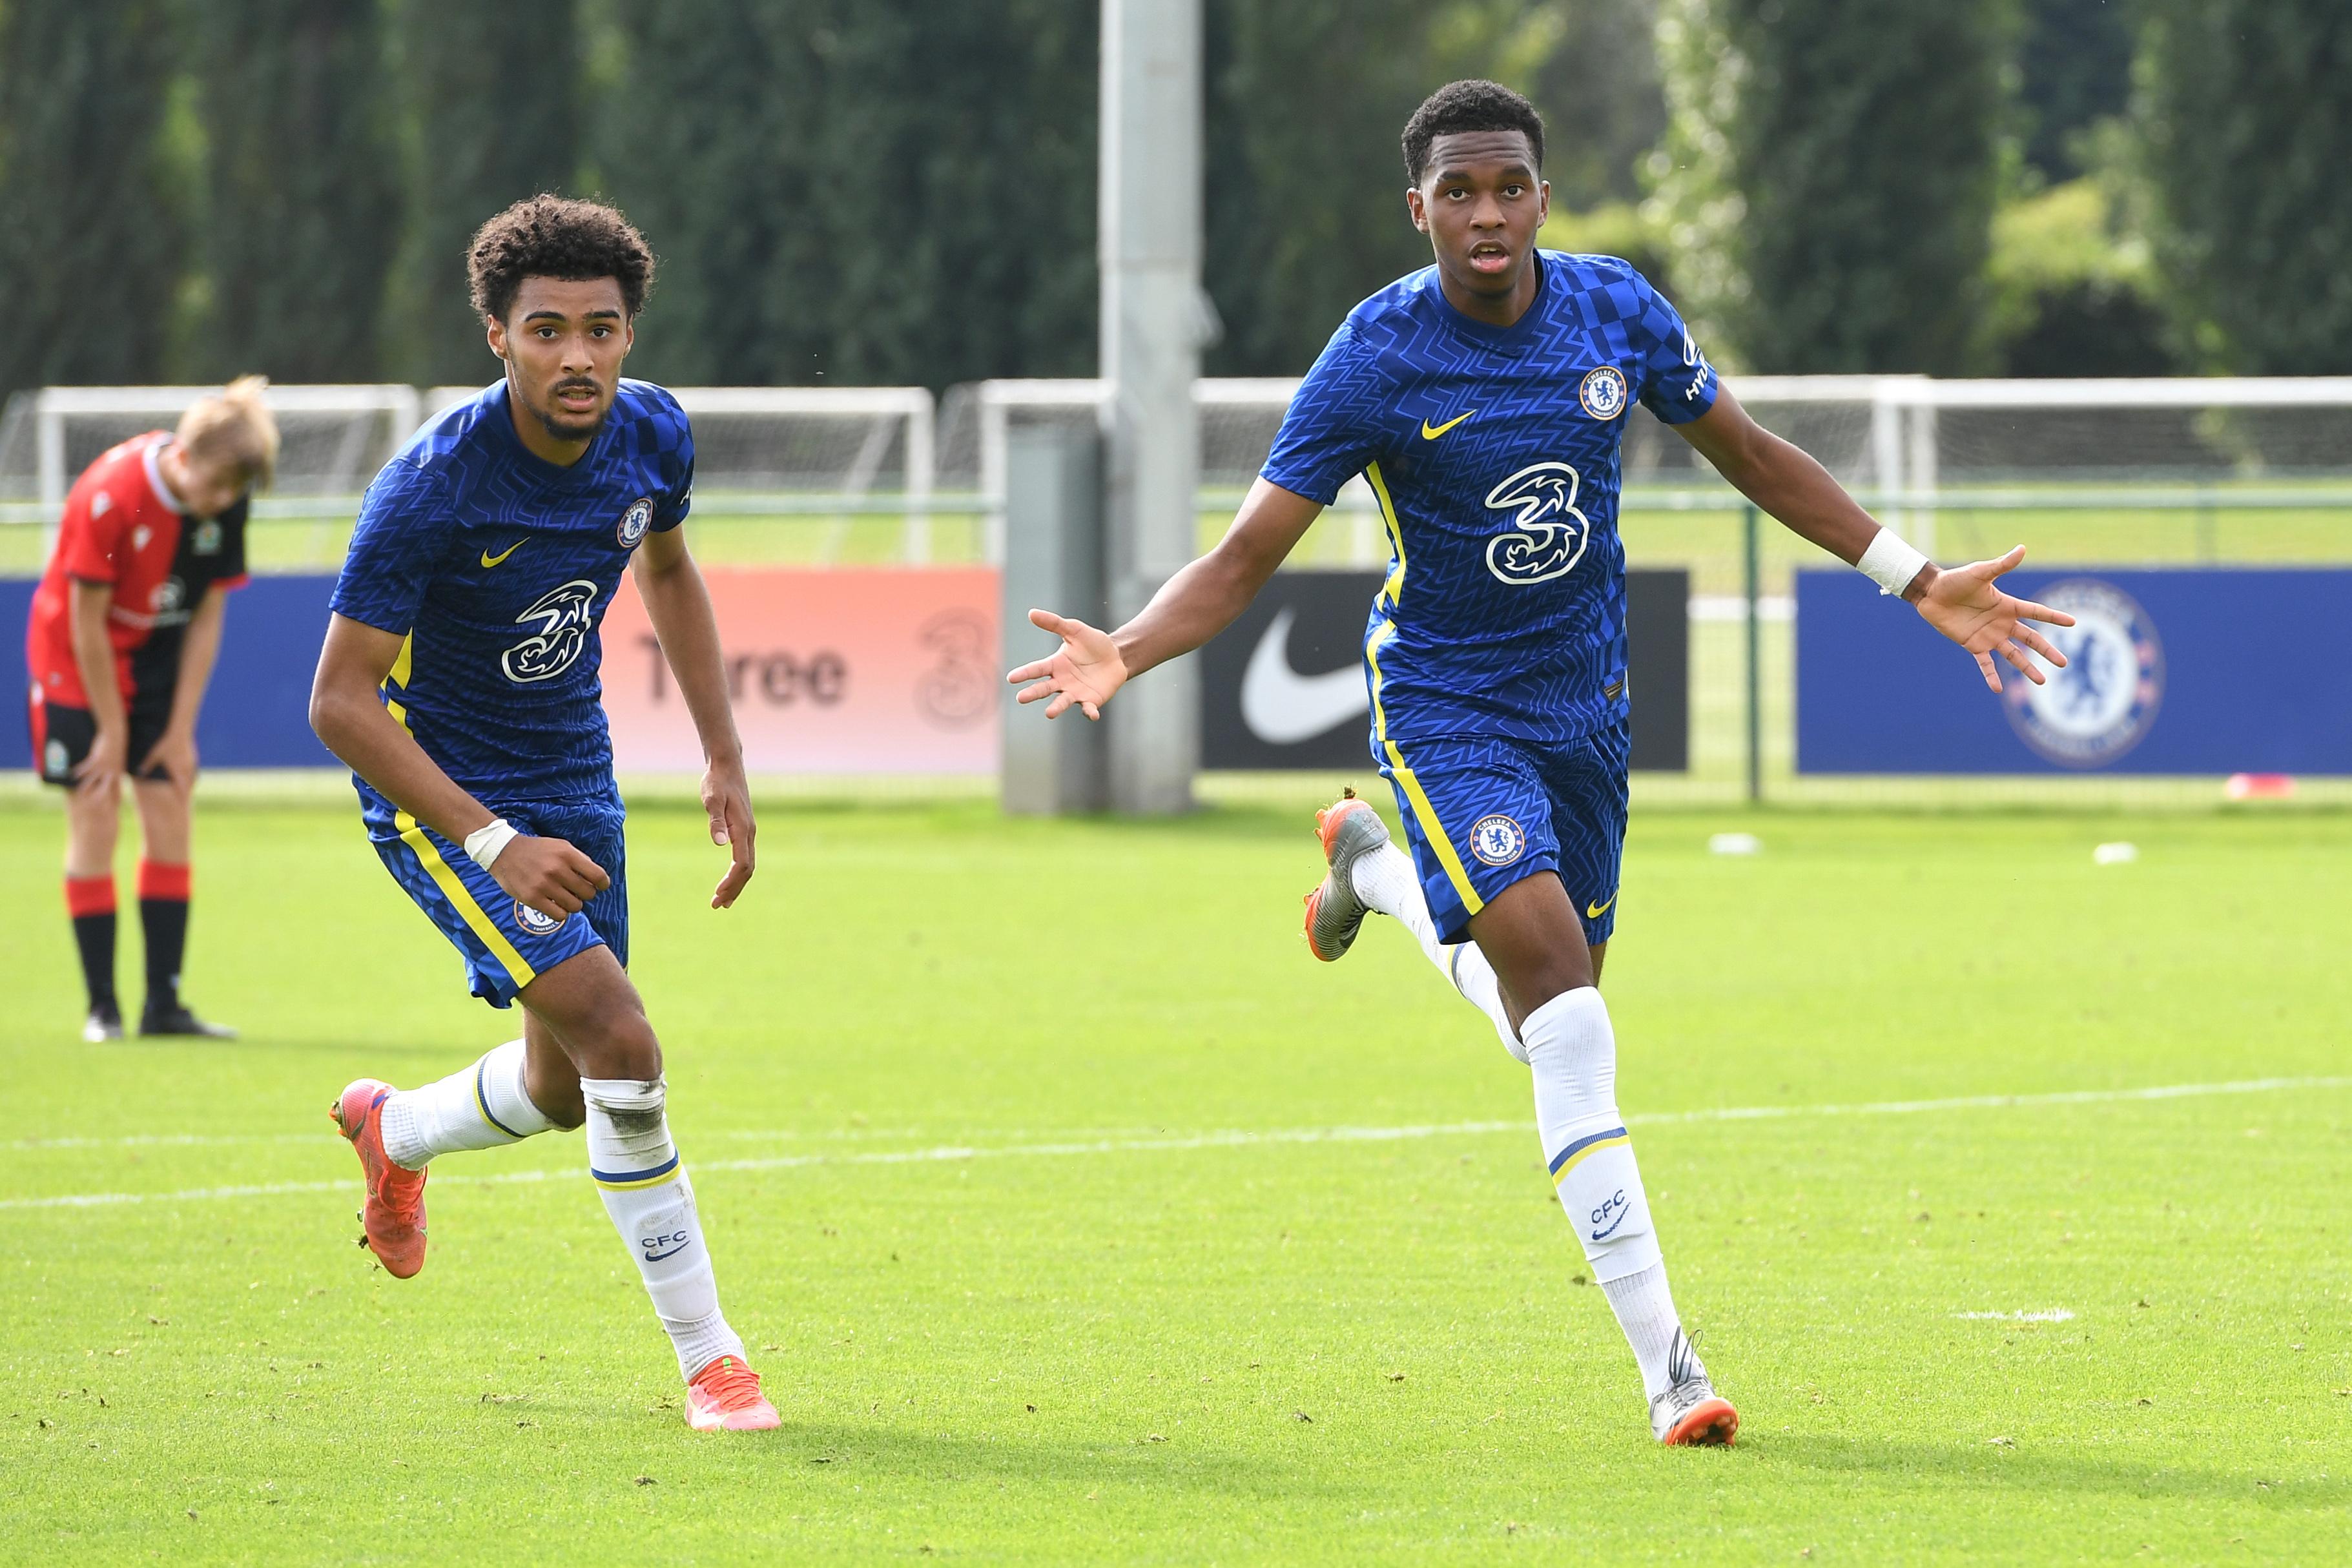 Chelsea v Blackburn Rovers - U18 Premier League Cup Group D